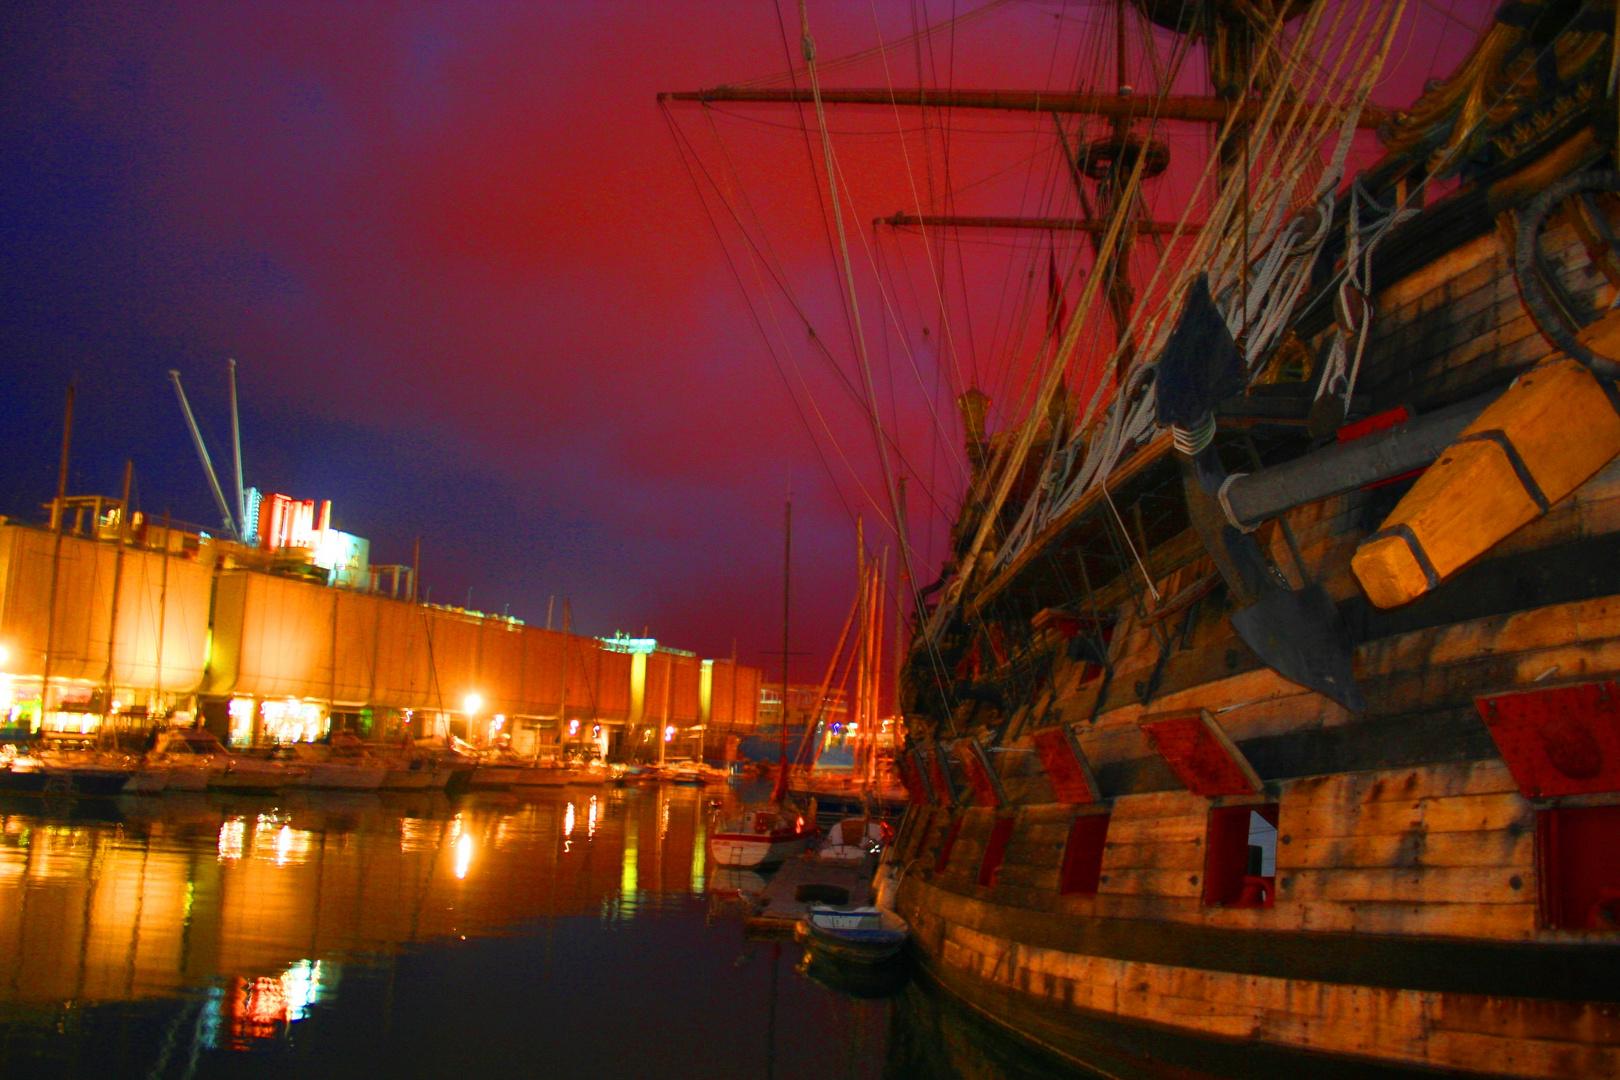 Segelboot im Hafen von Genua